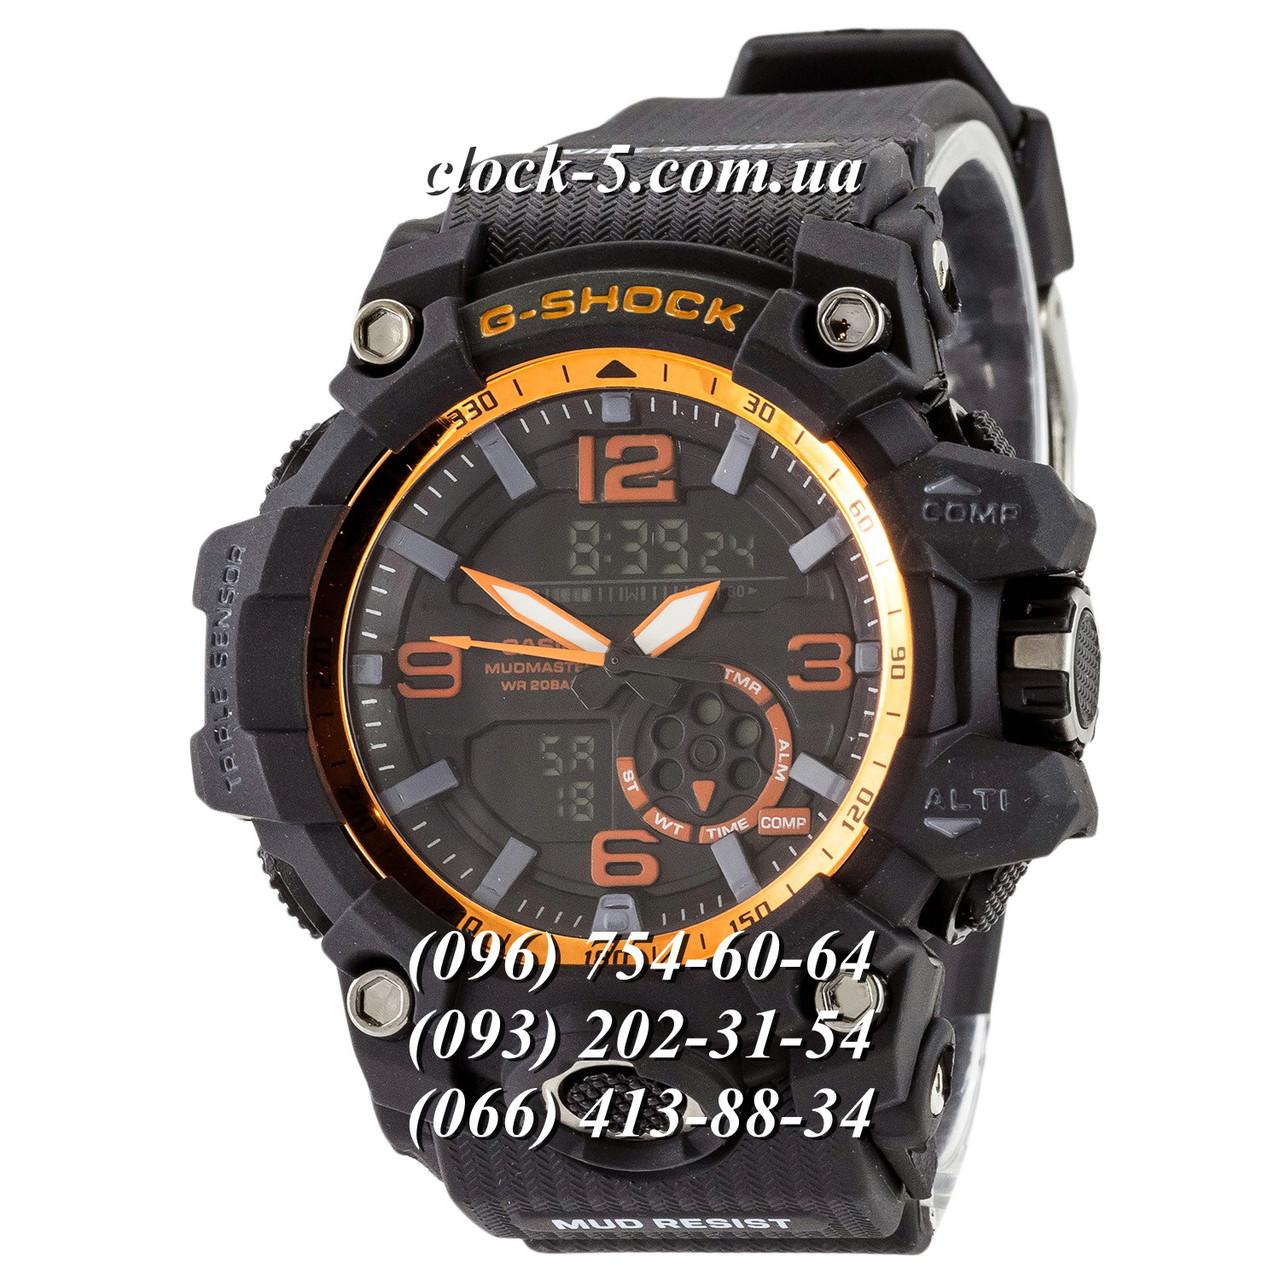 b883259b850 Купить часы наручные мужские киев недорого  продажа